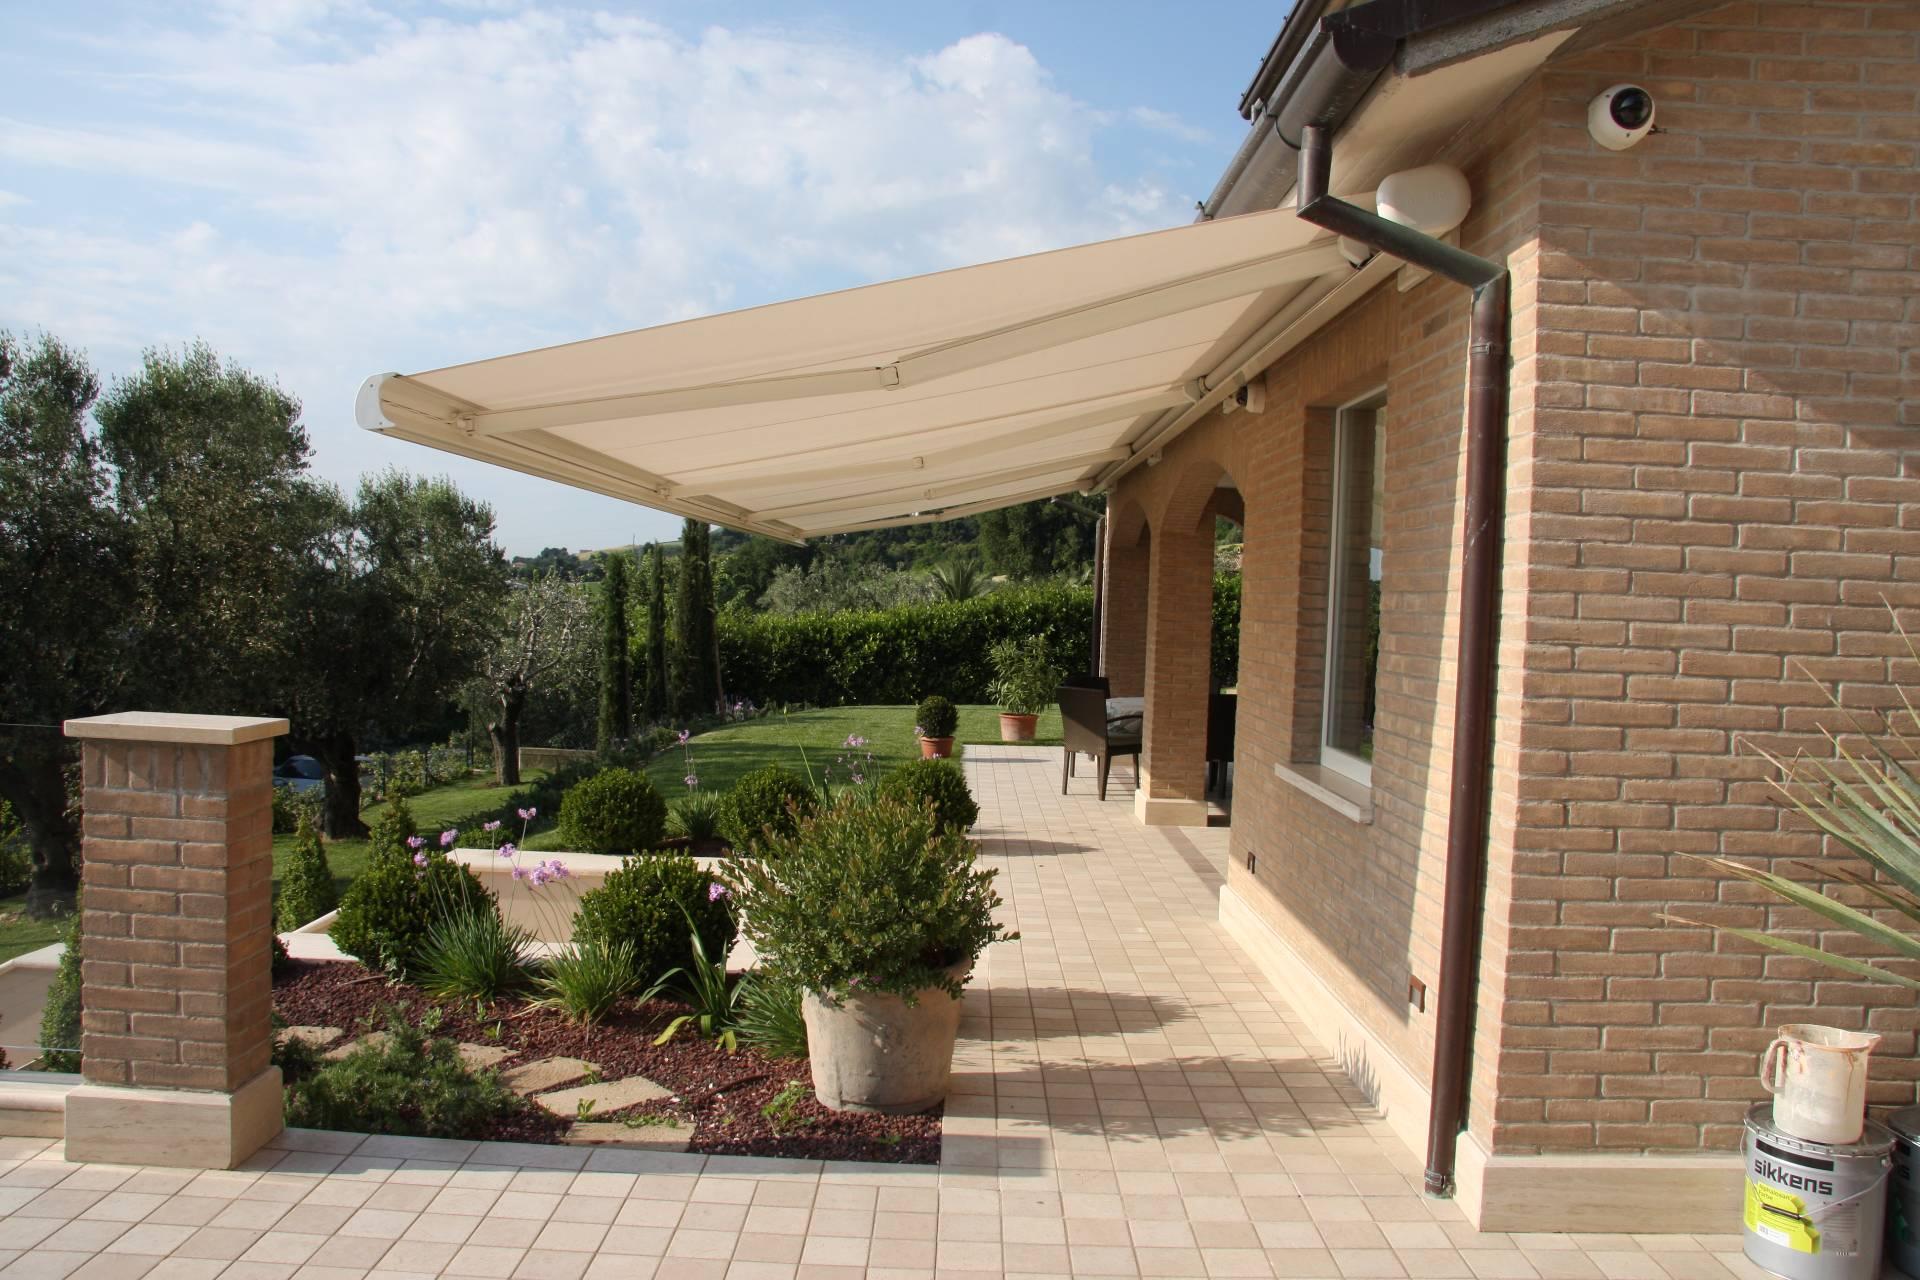 Villa in vendita a San Benedetto del Tronto, 10 locali, zona Località: centrale, Trattative riservate | Cambio Casa.it